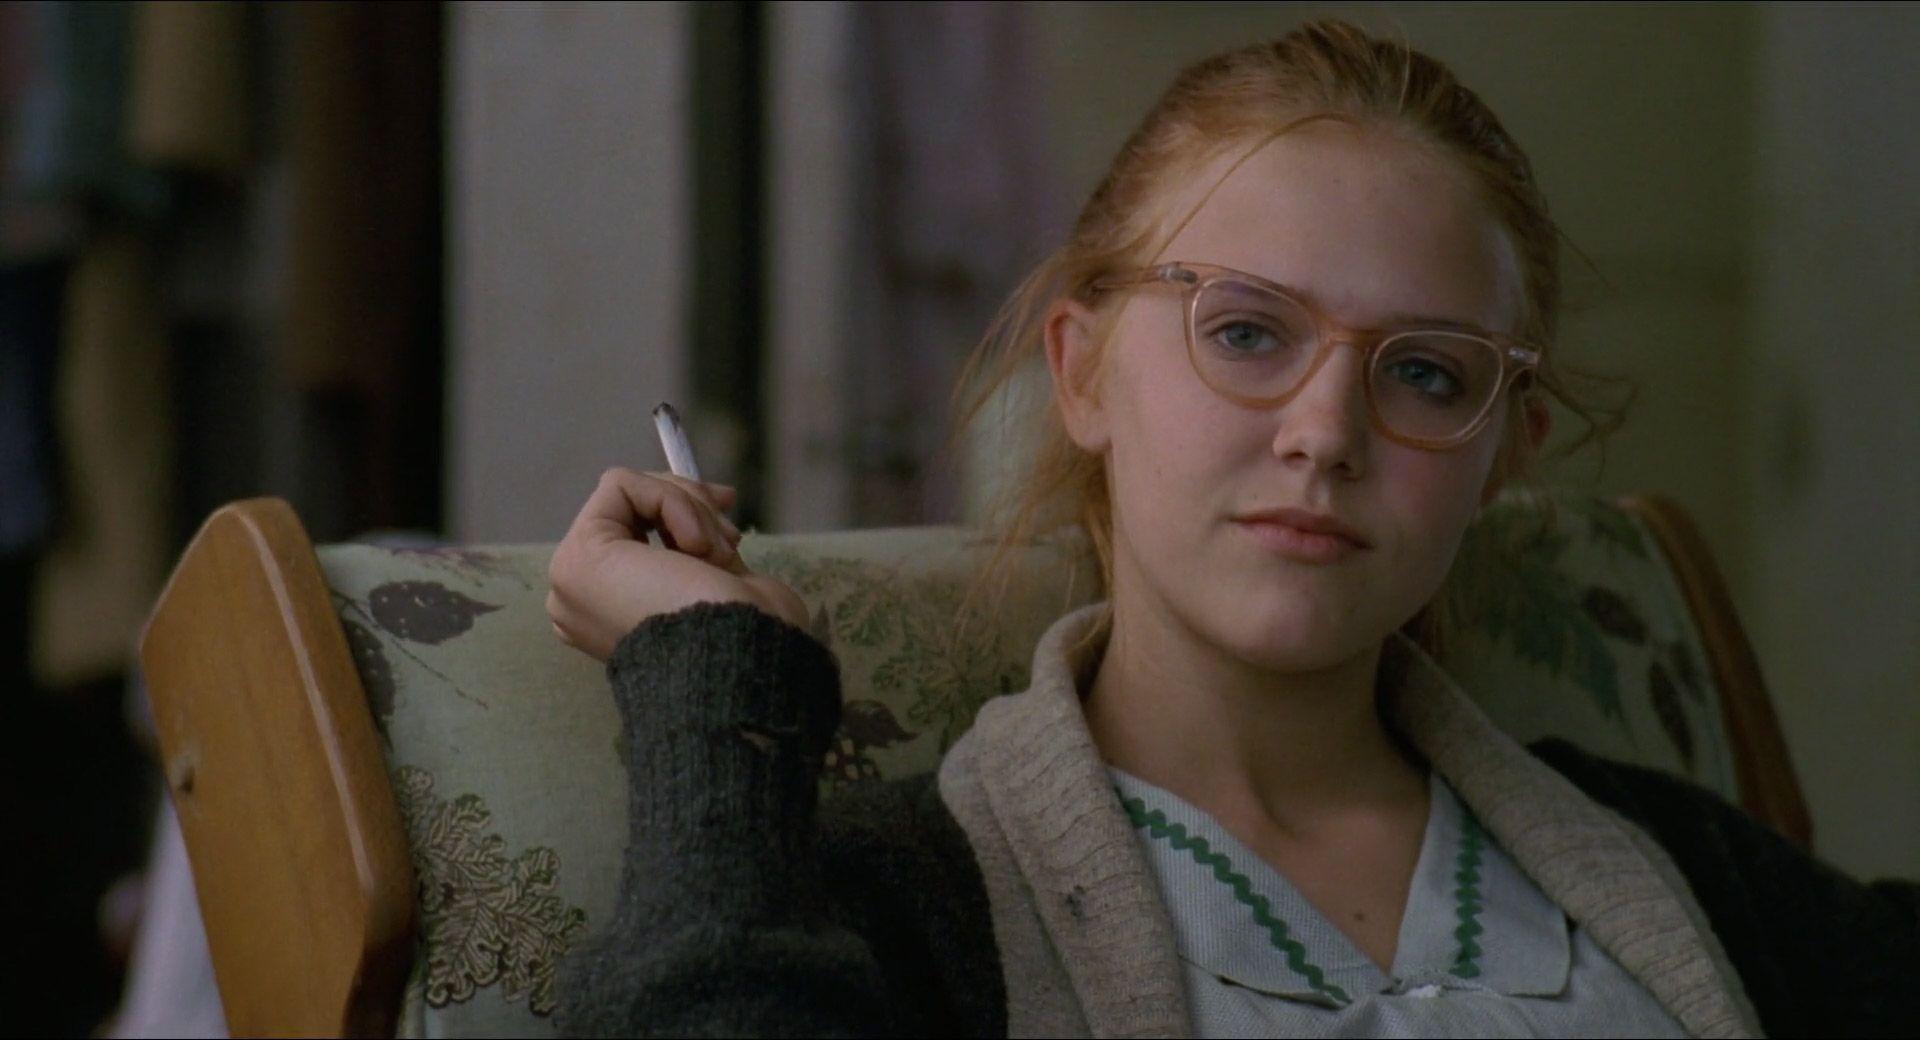 Dominique Swain Girl Lolita 1997 Starring Dominique Swain